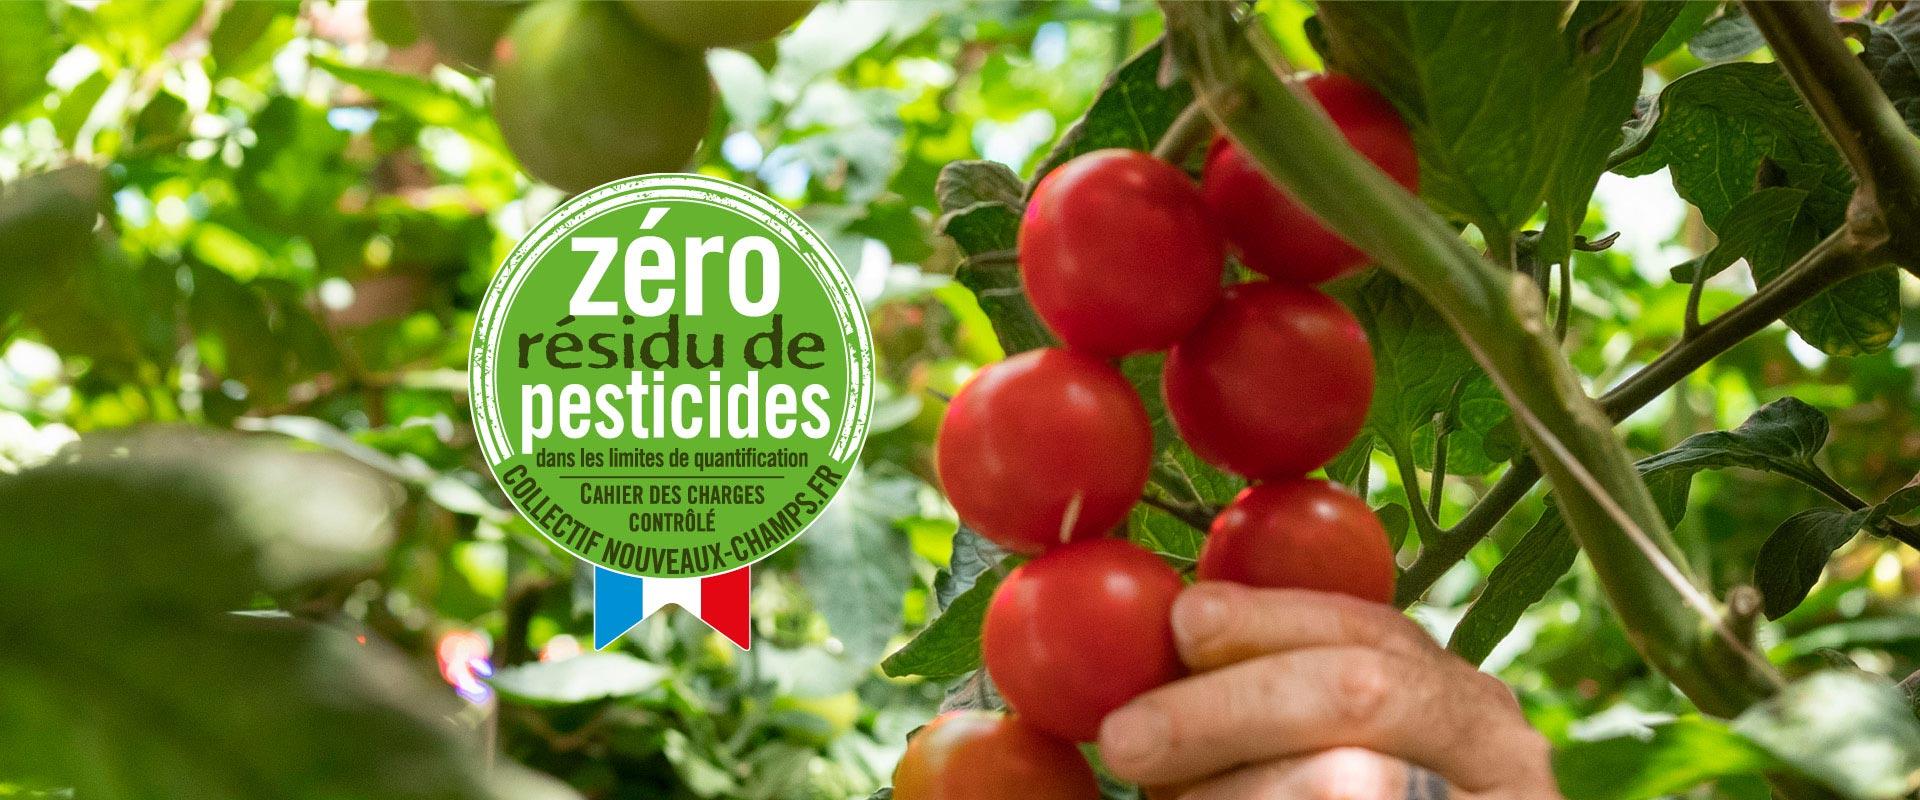 Détail d'une grappe de tomates cocktail sur pieds de tomates et logo Zéro Résidu de Pesticides avec petit drapeau français